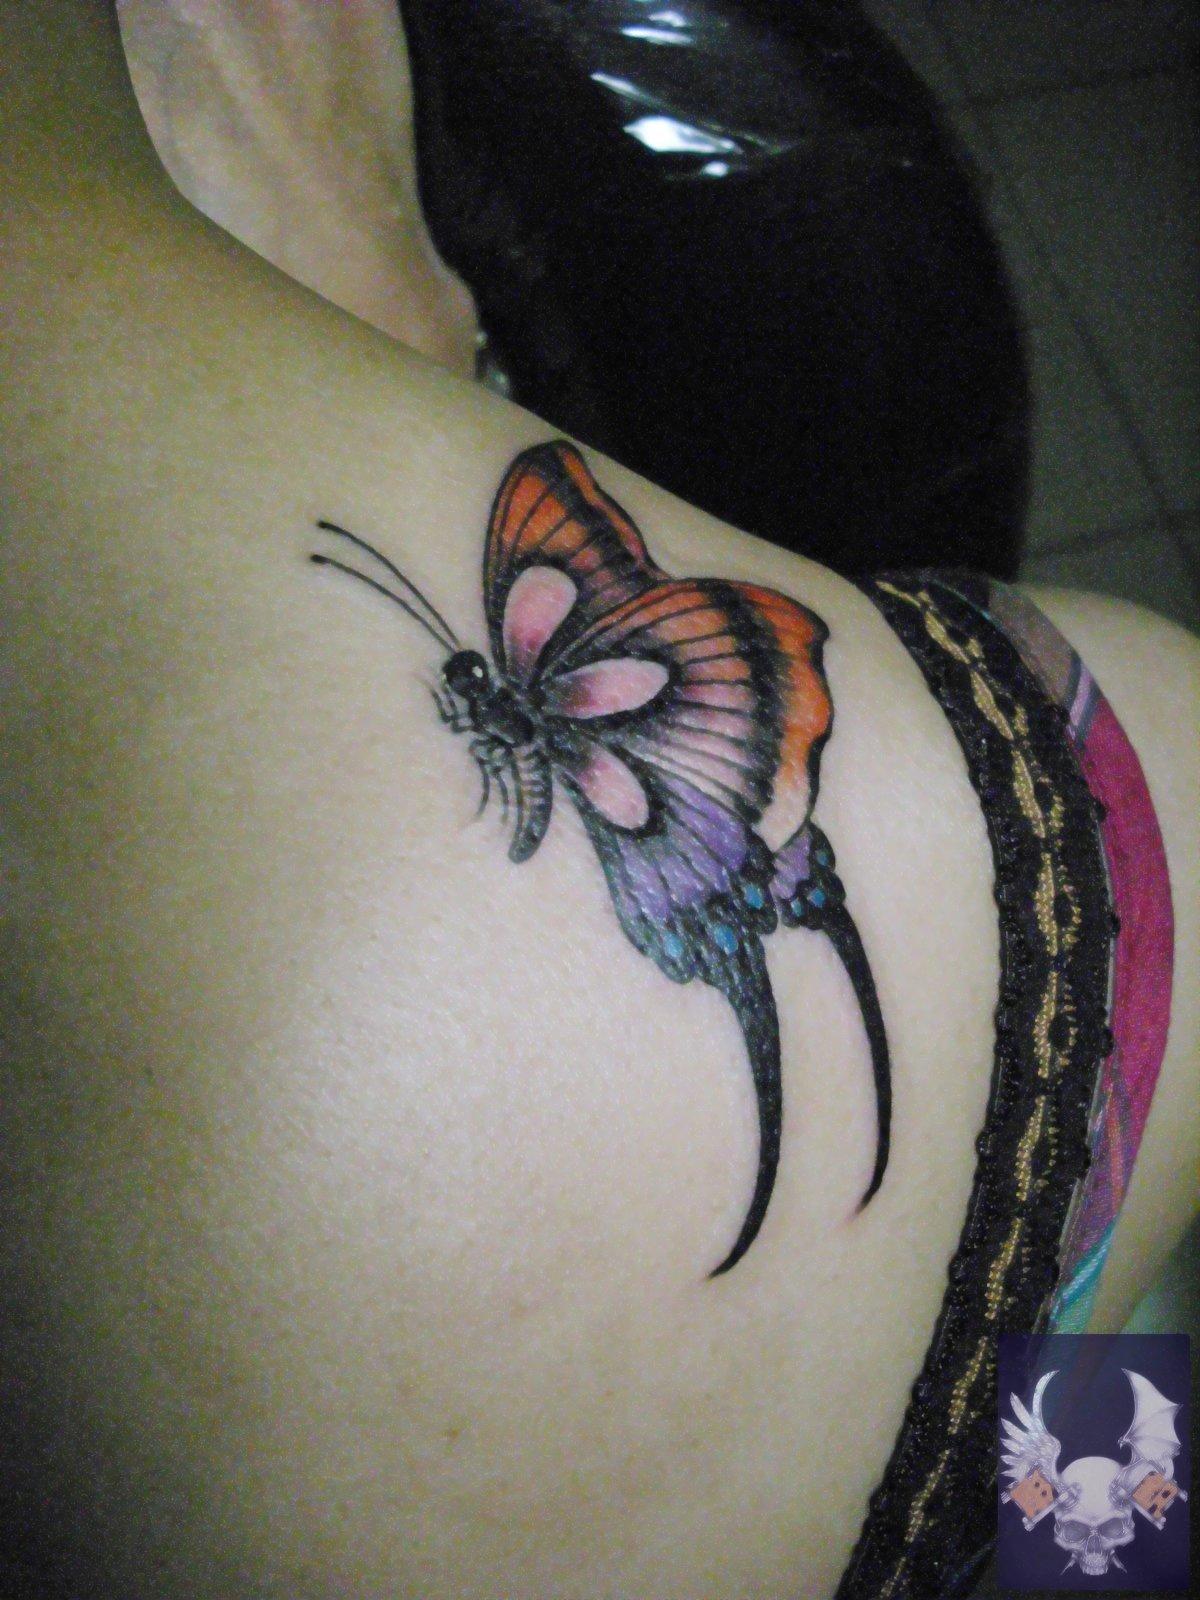 【刺青·背部】背部刺青圖片 – TouPeenSeen部落格